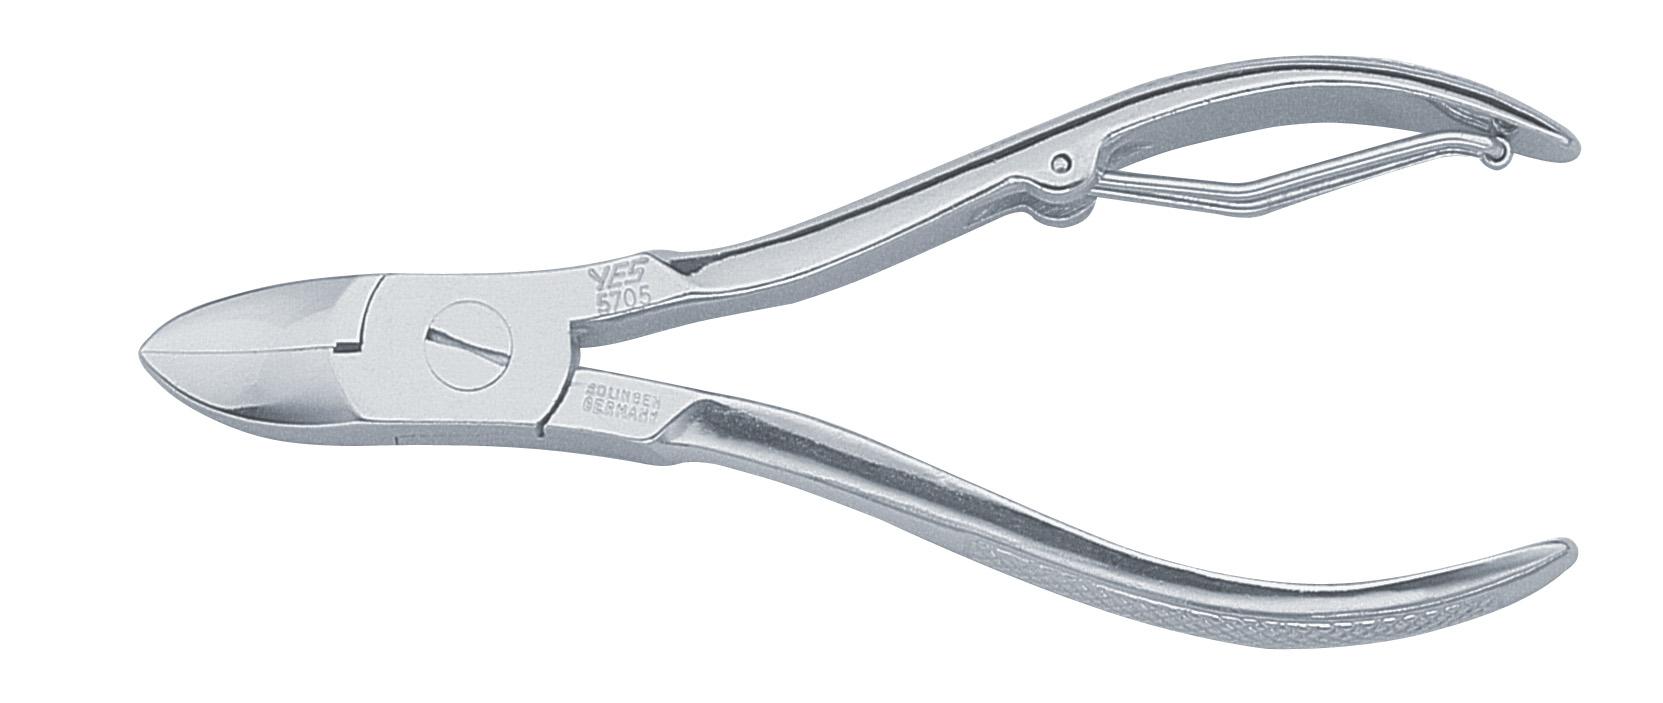 Becker-Manicure YES Кусачки для ногтей. 57055705Кусачки для ногтей изготовлены из высокоуглеродистой стали. Дина кусачек 10,5 см. Хранить в сухом недоступном для детей месте. Замена изделия не осуществляется в следующих случаях: - Использование не по назначению - Самостоятельный ремонт - Нарушение условий хранения